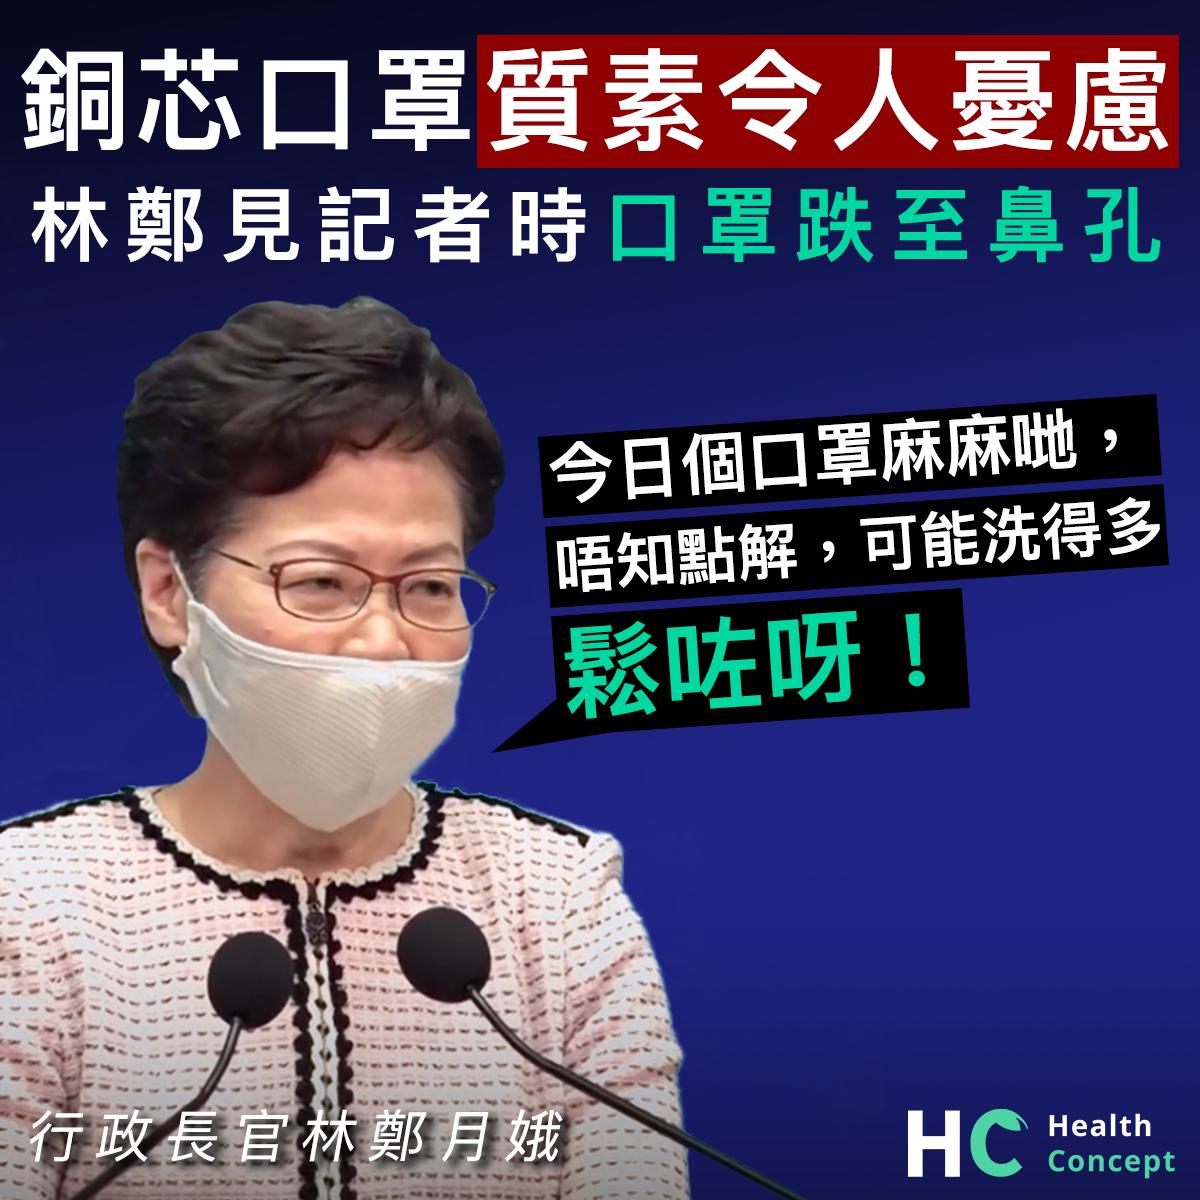 【#新型肺炎】銅芯口罩質素令人憂慮 林鄭見記者時口罩跌至鼻孔